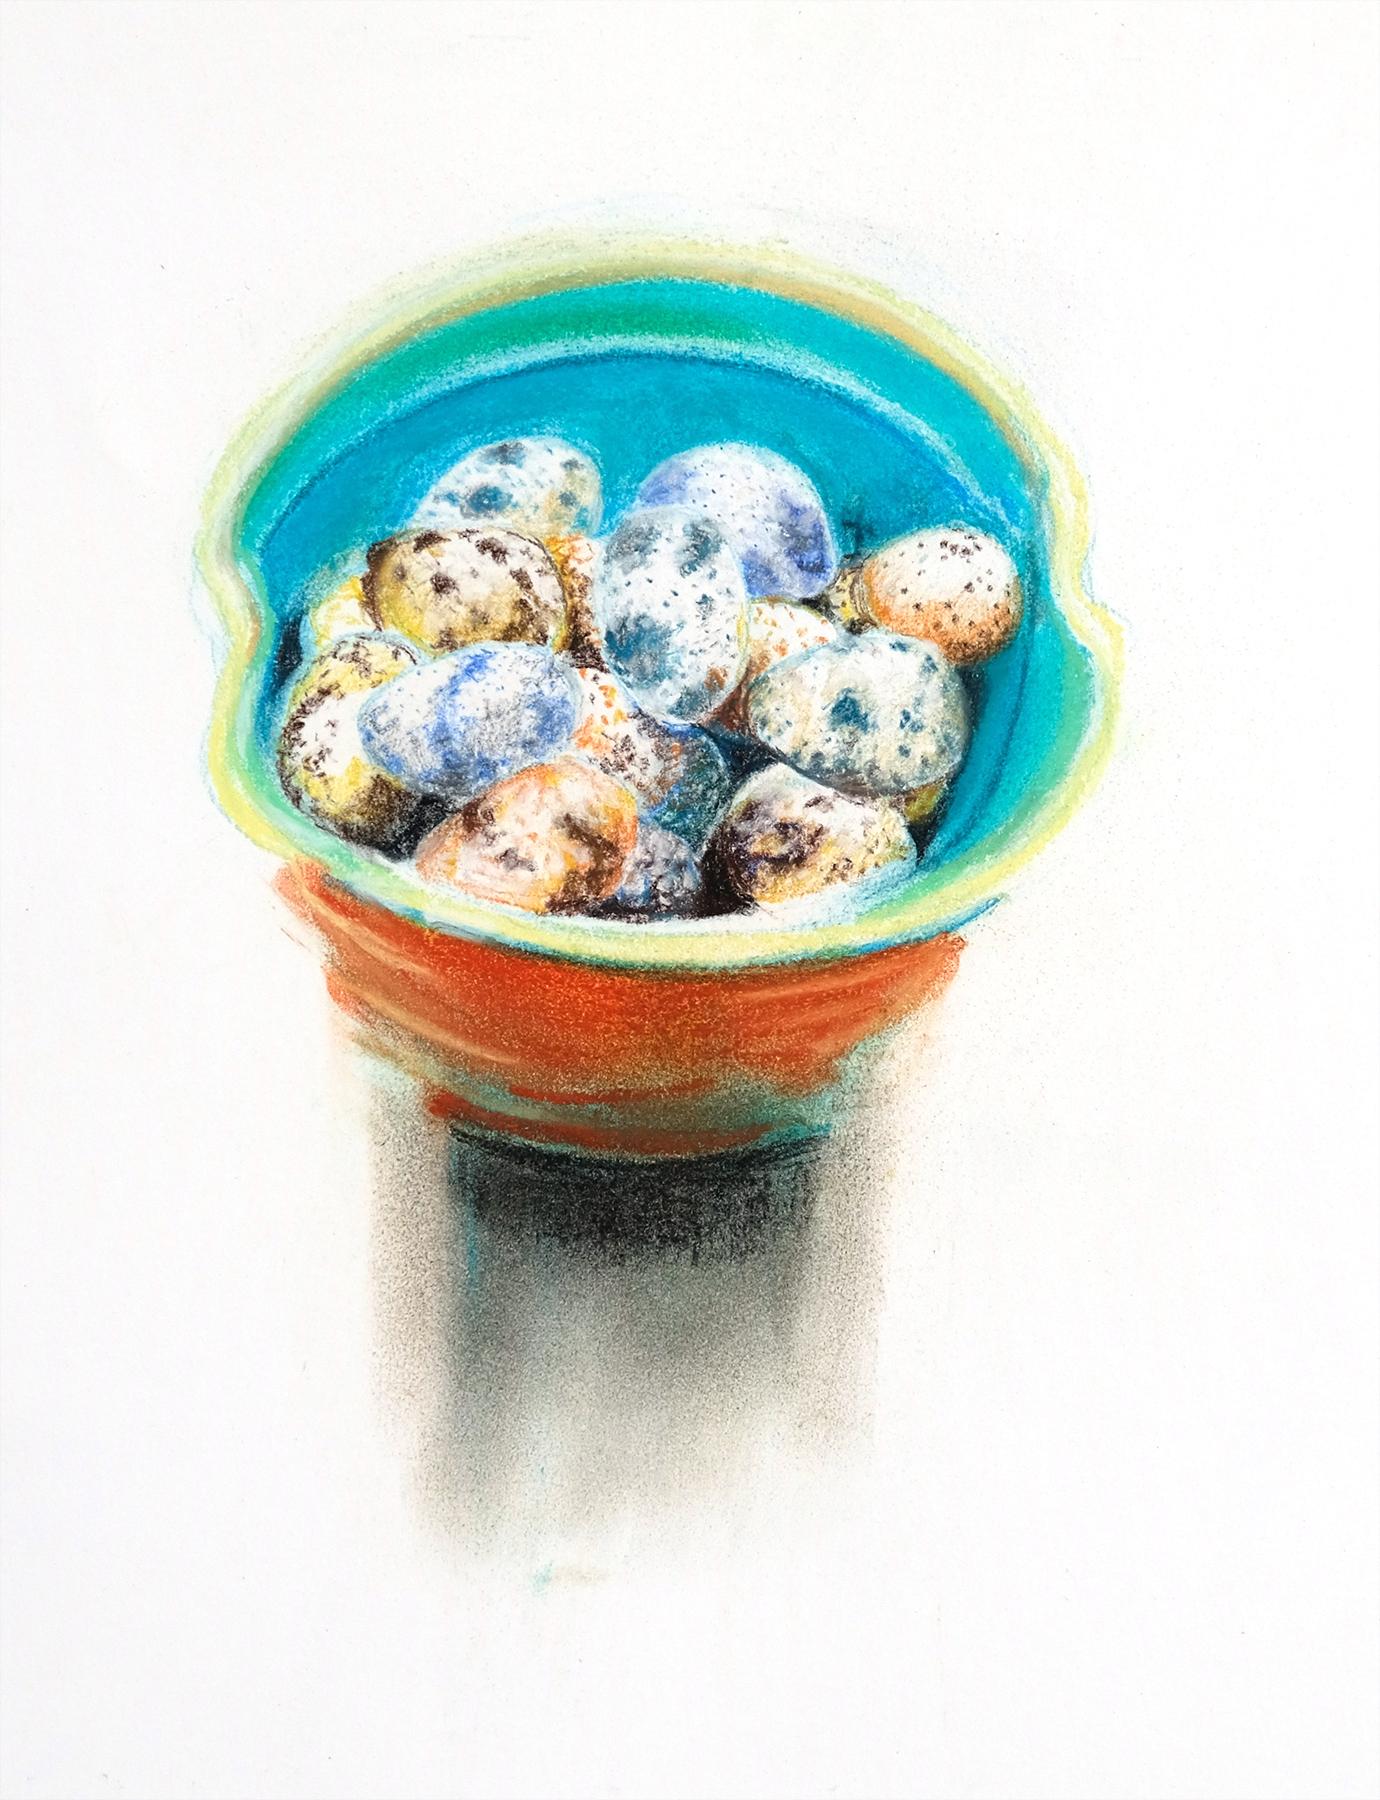 Quail eggs in orange bowl